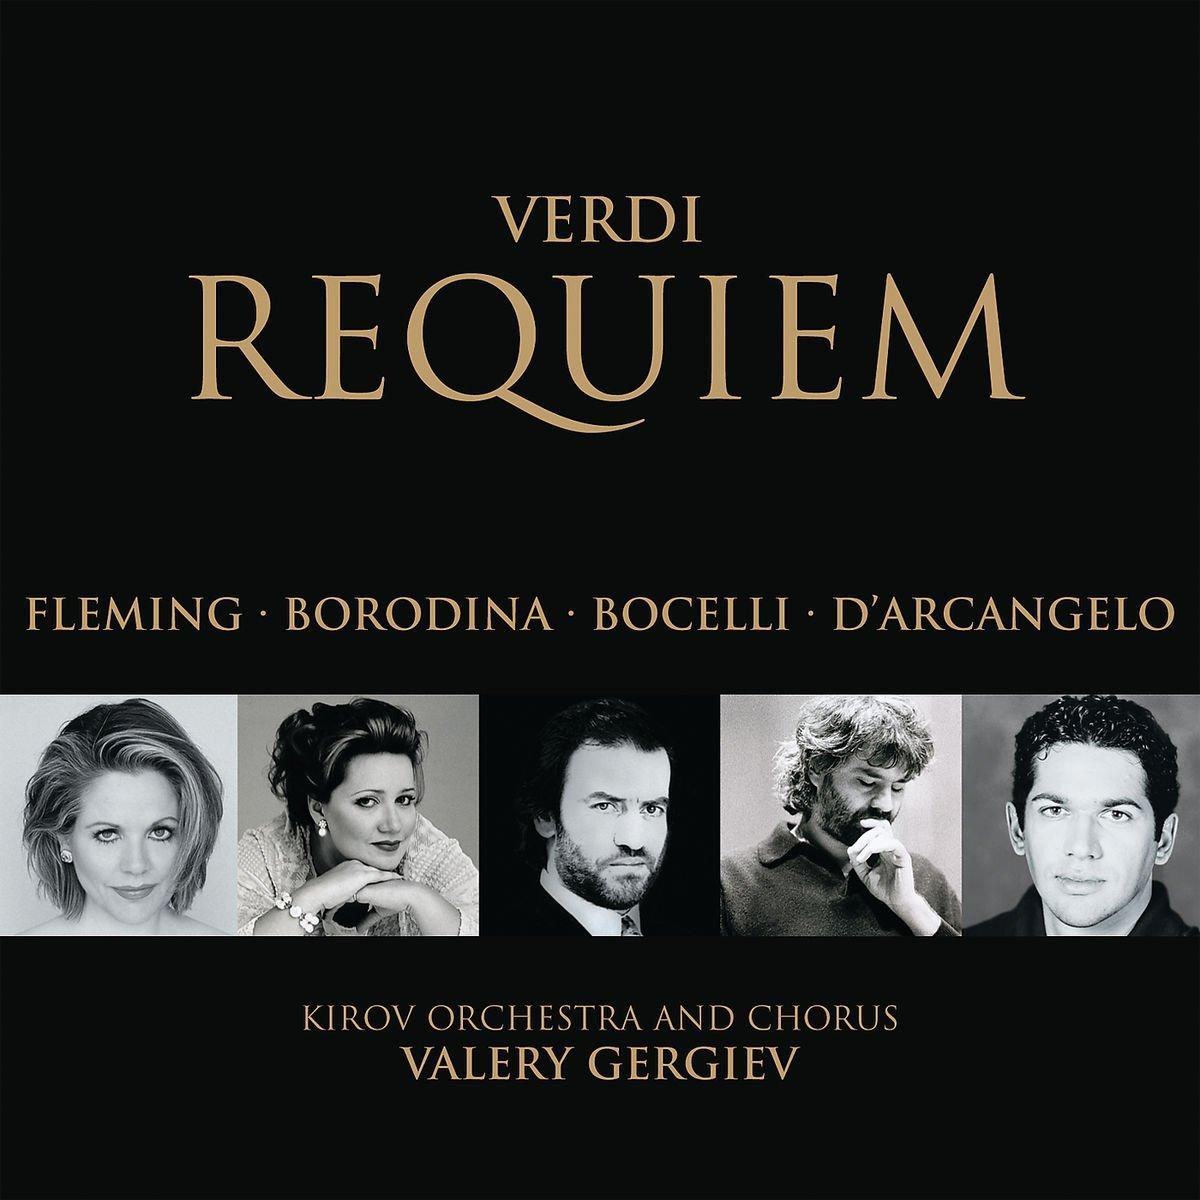 2001 – Verdi – Requiem